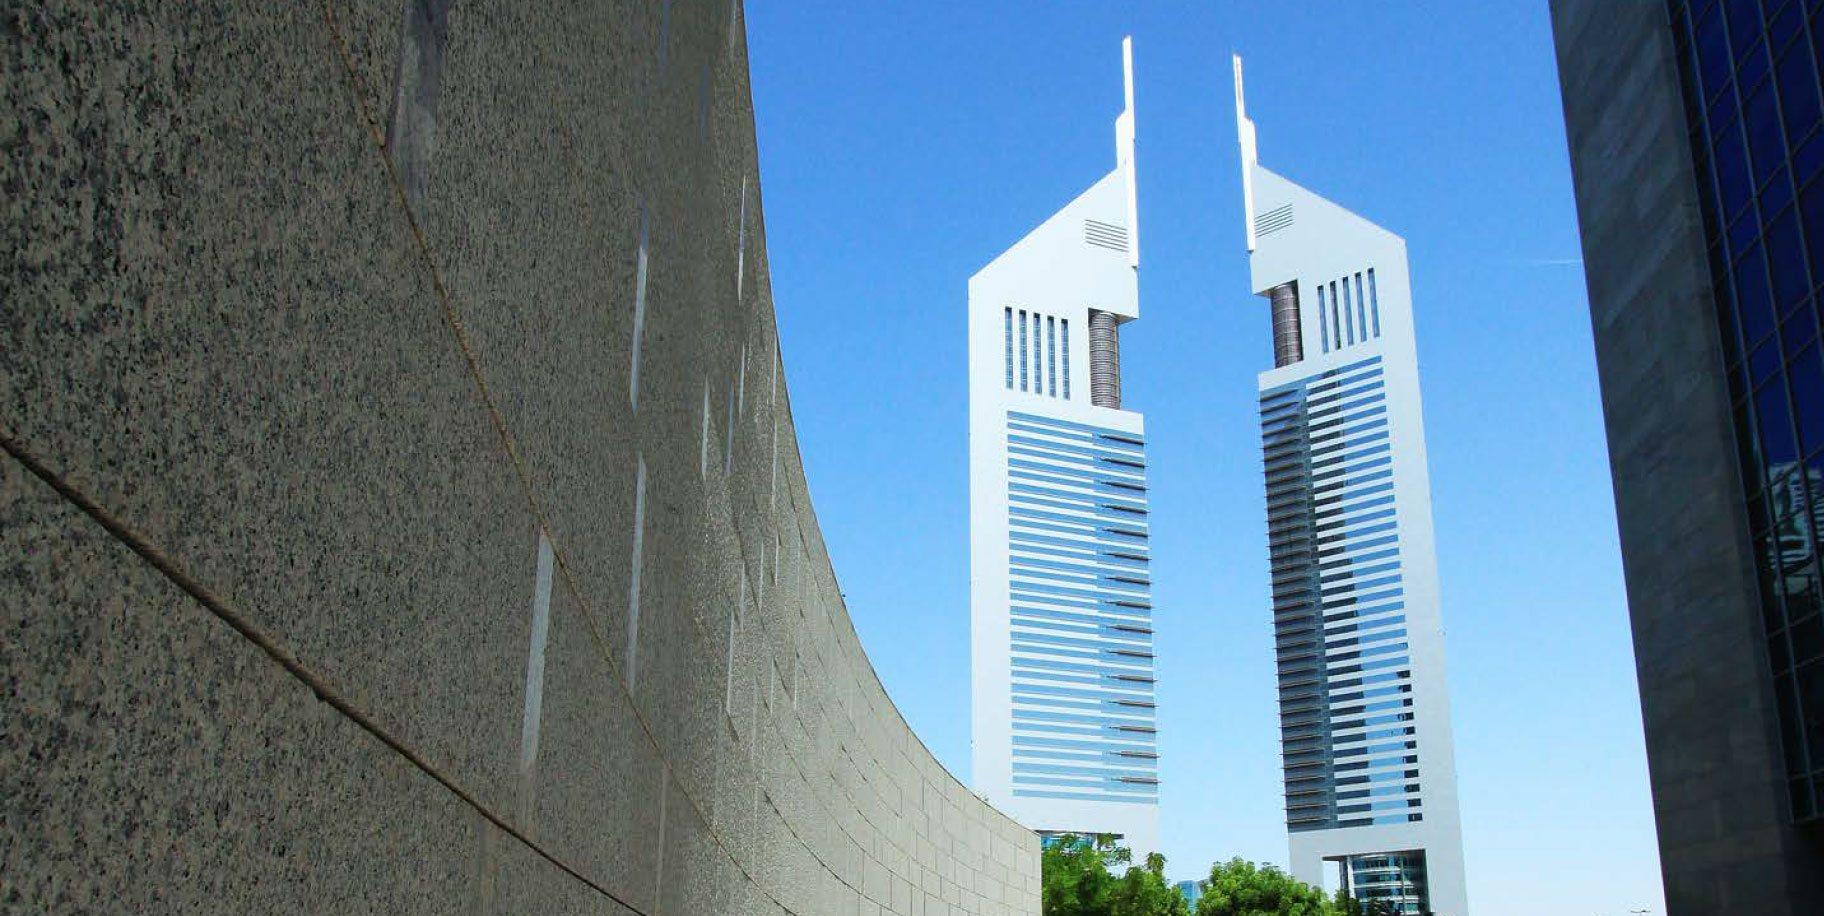 EMIRATES TOWERS DUBAI UAE EDGE Architecture